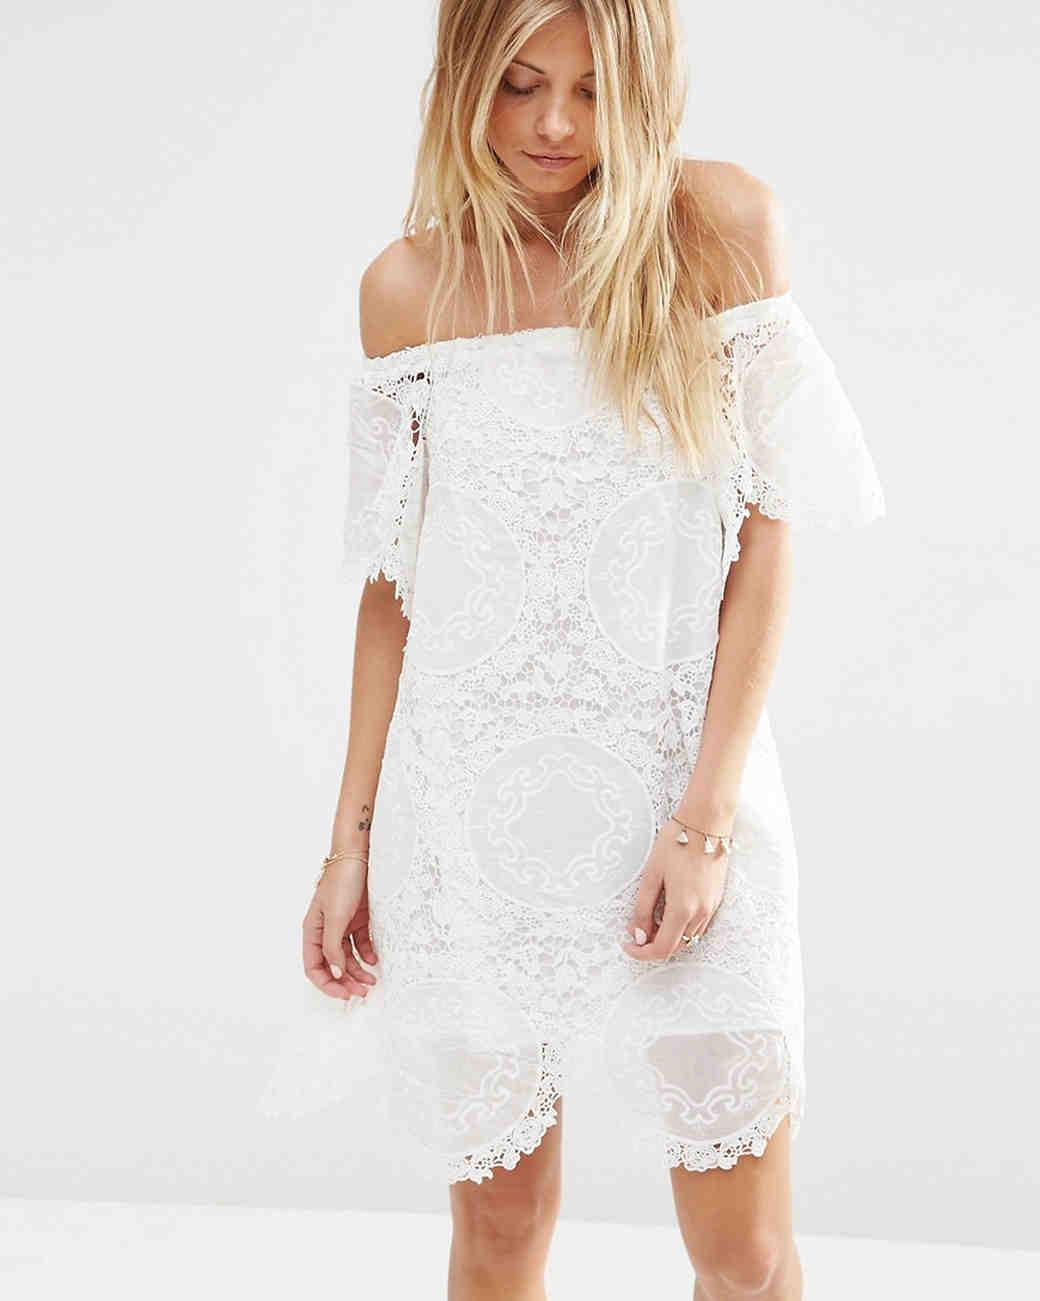 bridal-shower-dress-asos-off-the-shoulder-lace-dress-0416.jpg